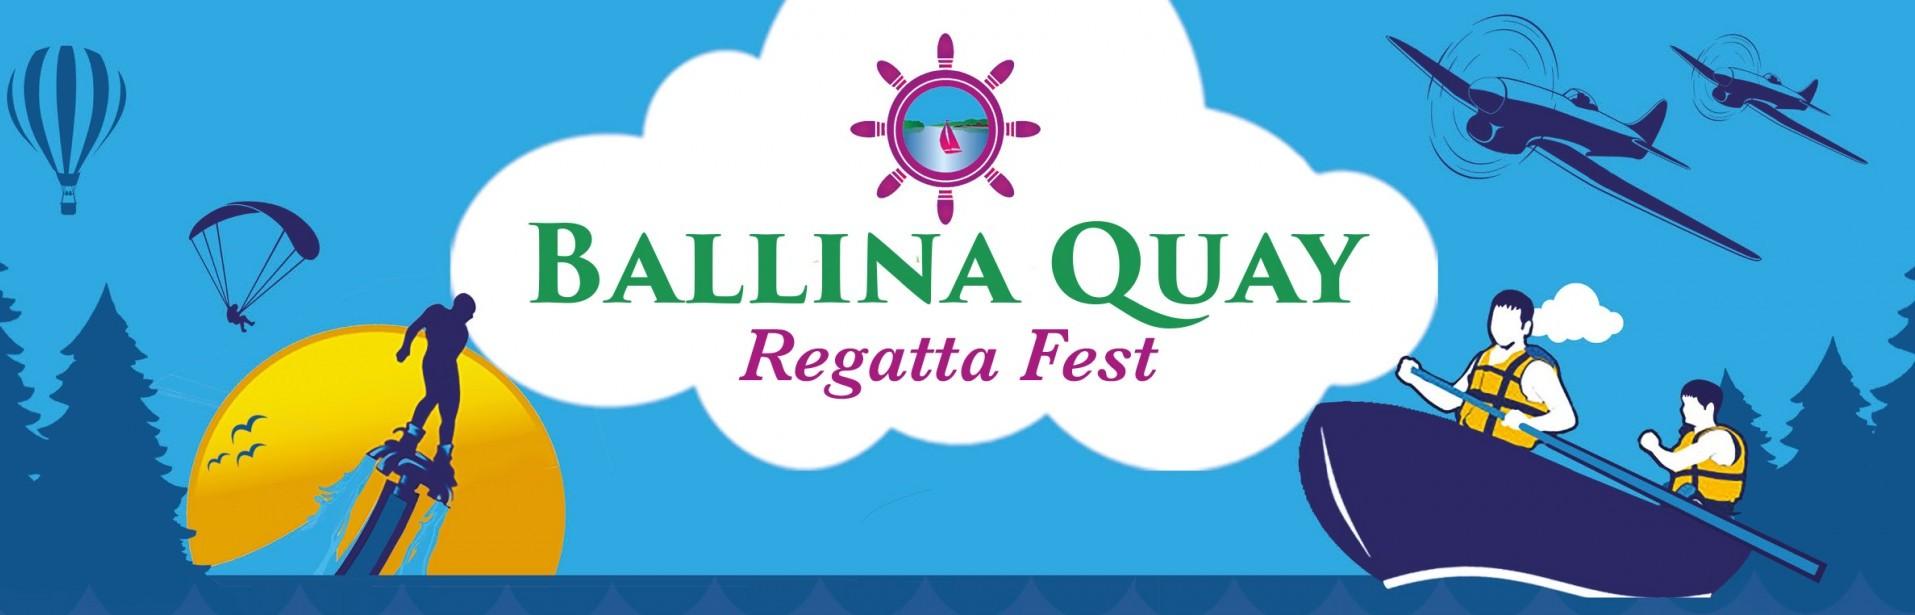 Quay Regatta Half Page Ad